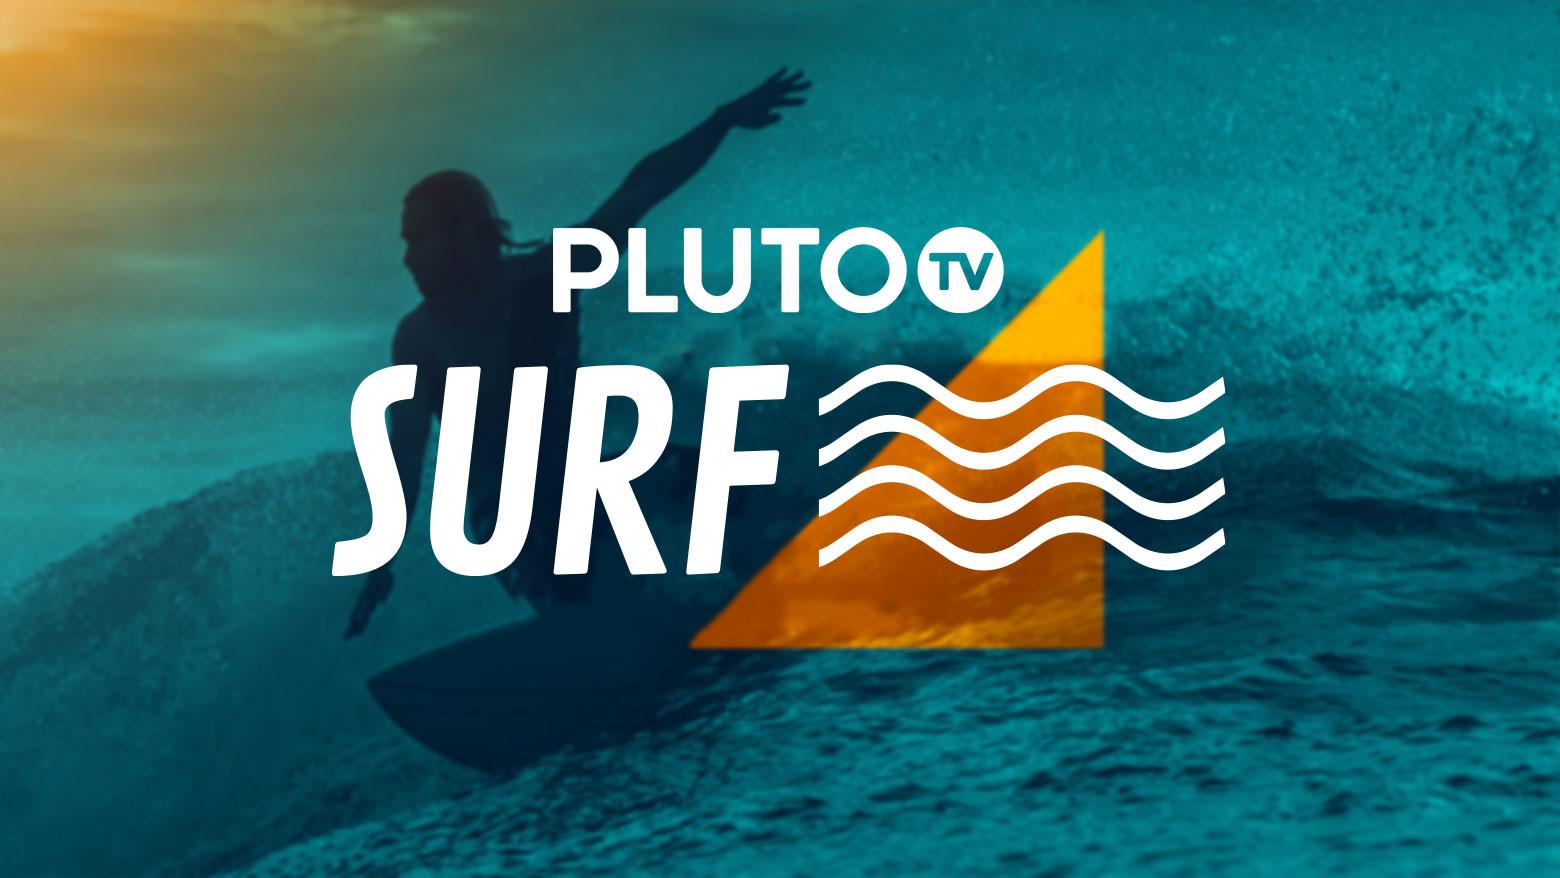 Pluto TV Surf featuredImage.jpg